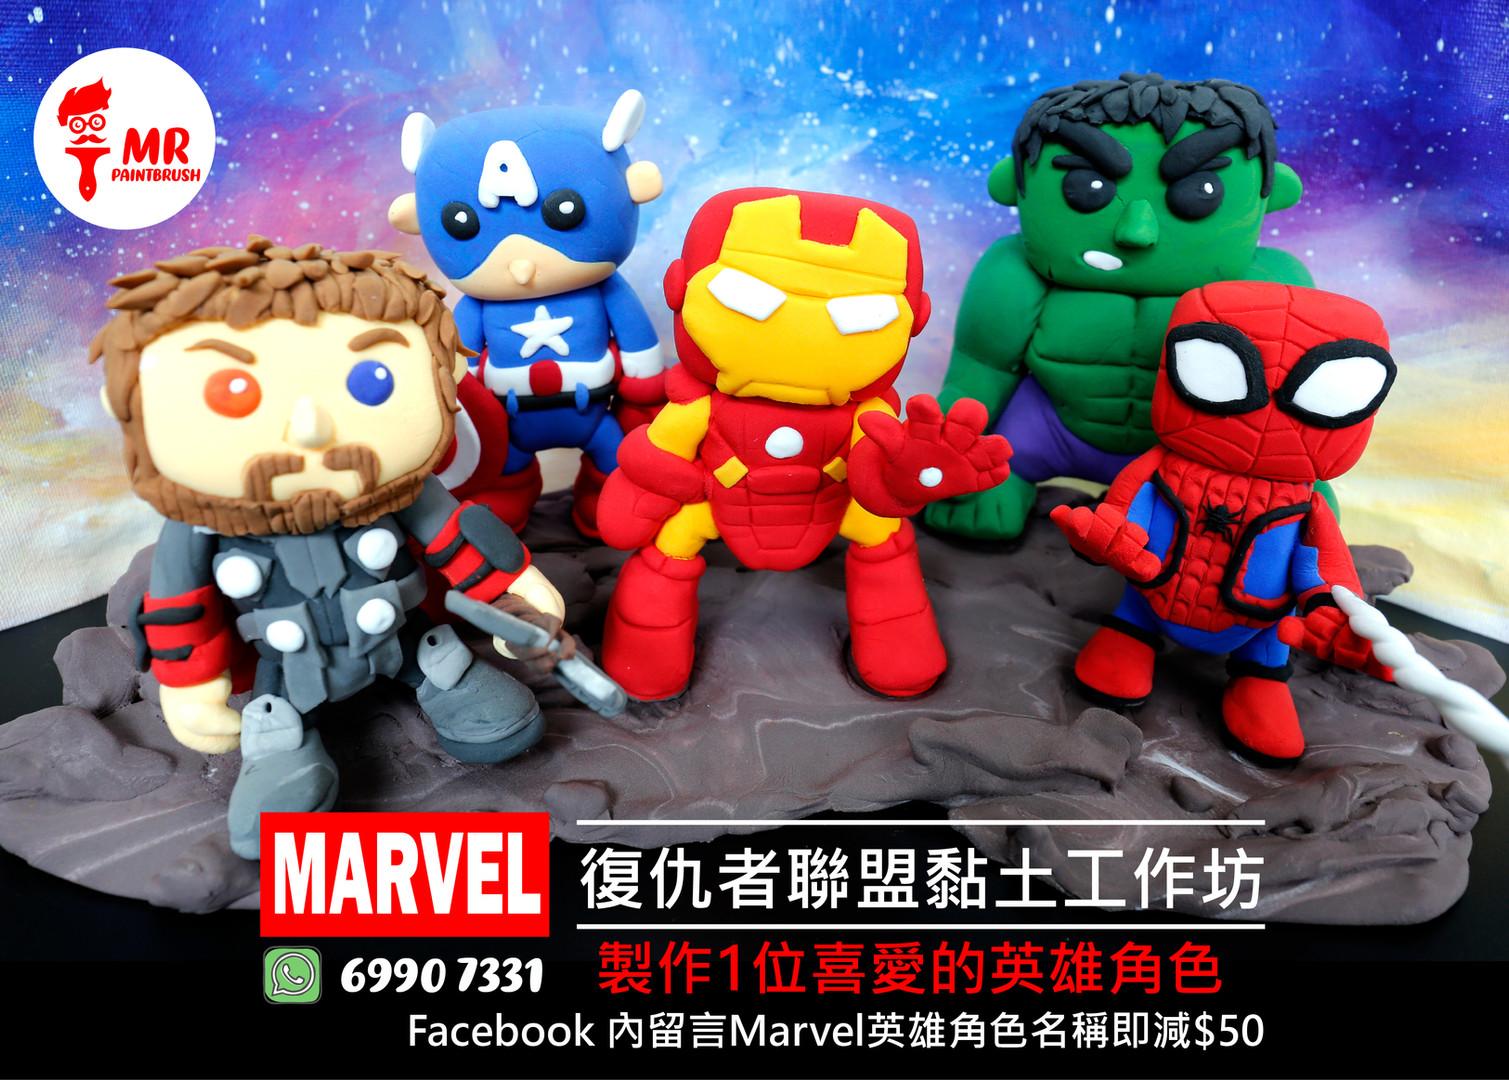 Marvel poster.jpg